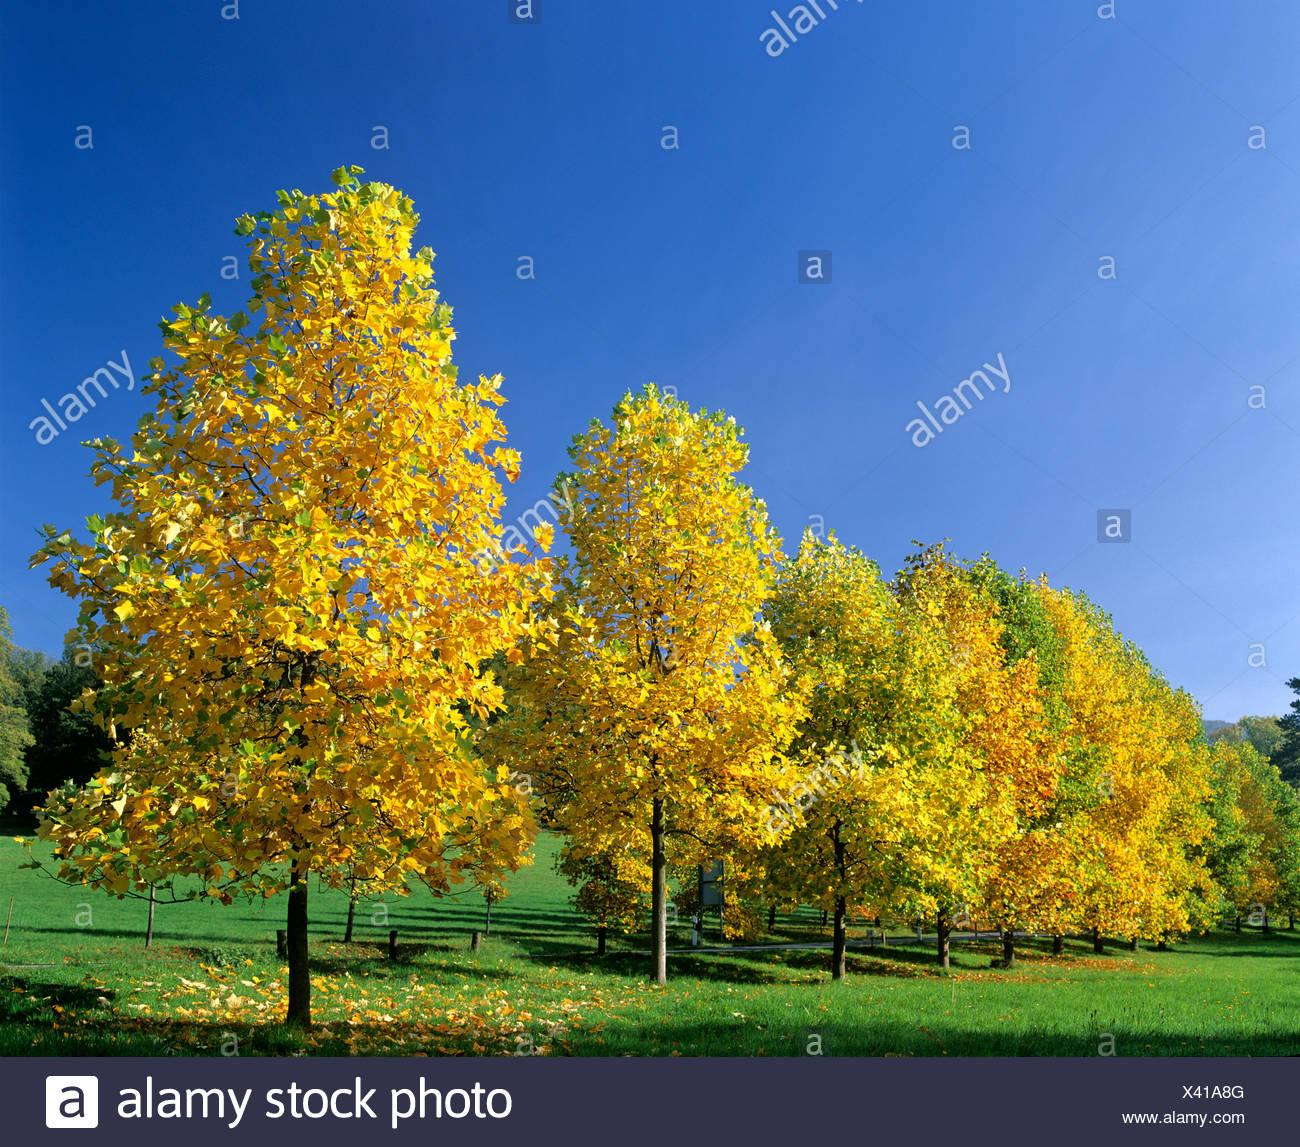 Giovani alberi di Acero (Acer) in autunno, fogliame autunnale, Germania, Europa Immagini Stock